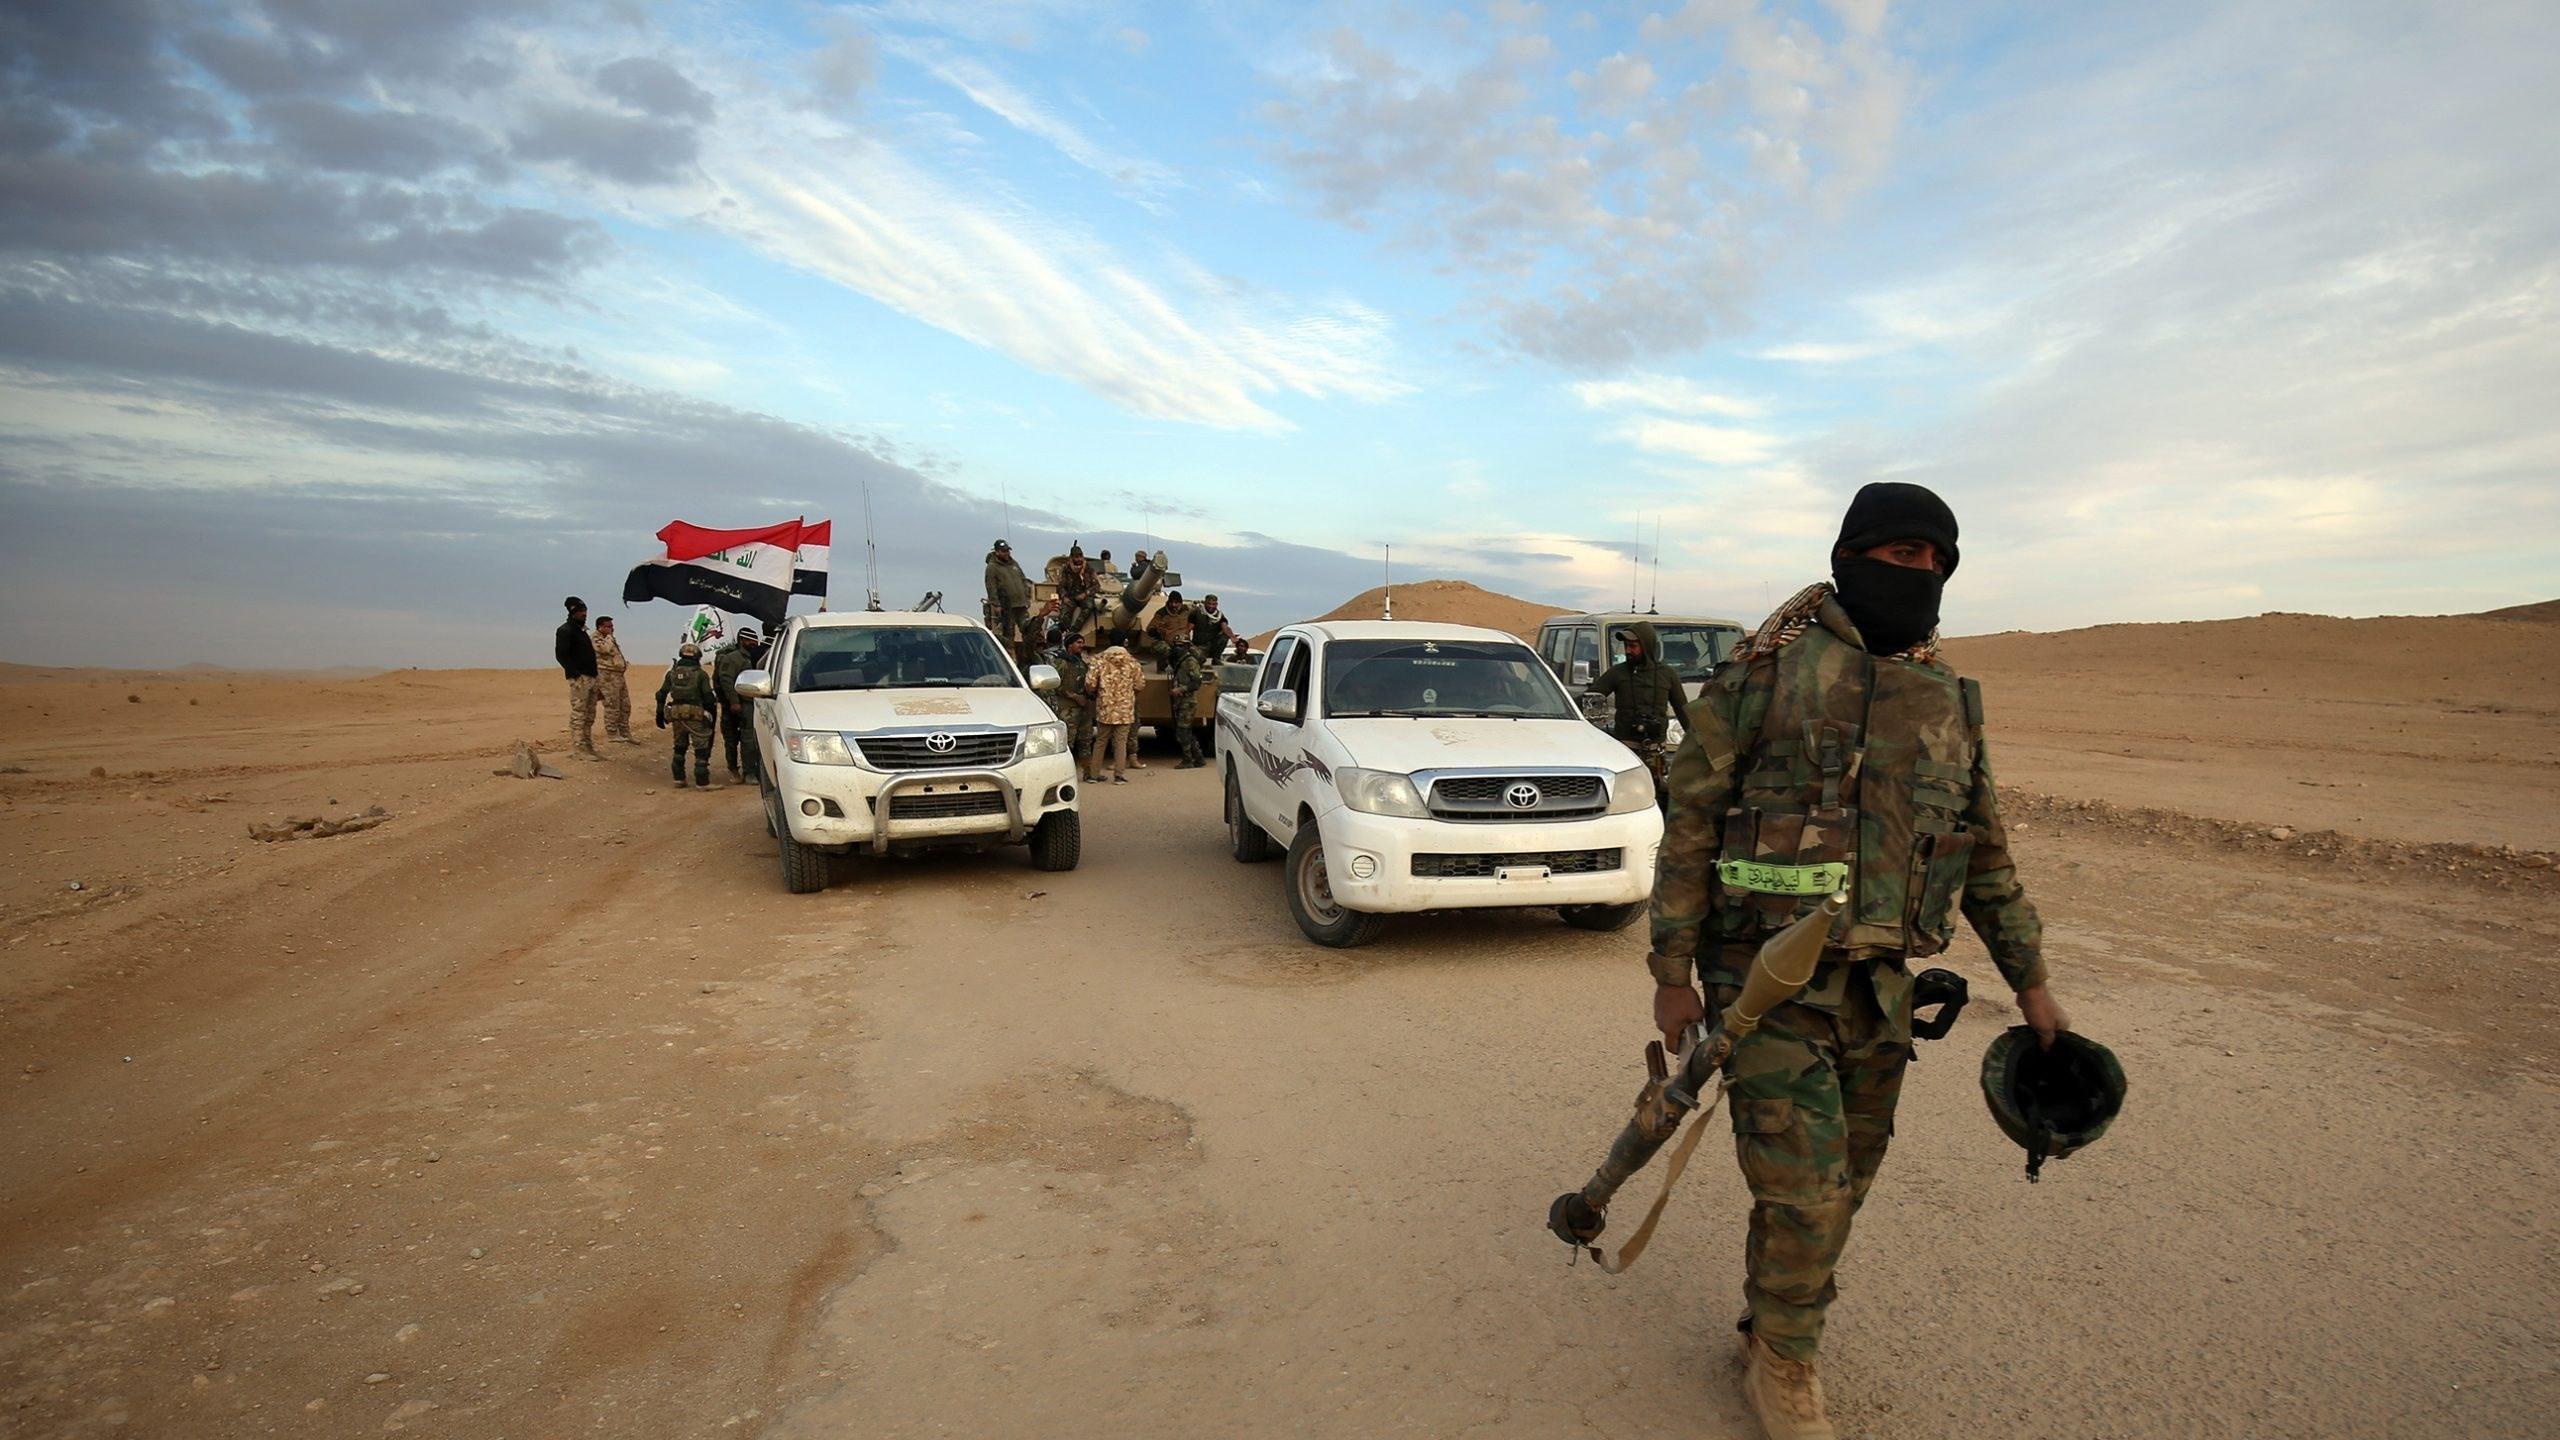 العمليات المشتركة تنعى آمر الفوج الثالث باللواء 22 بالحشد الشعبي ورفاقه بعد عمليات ضد داعش